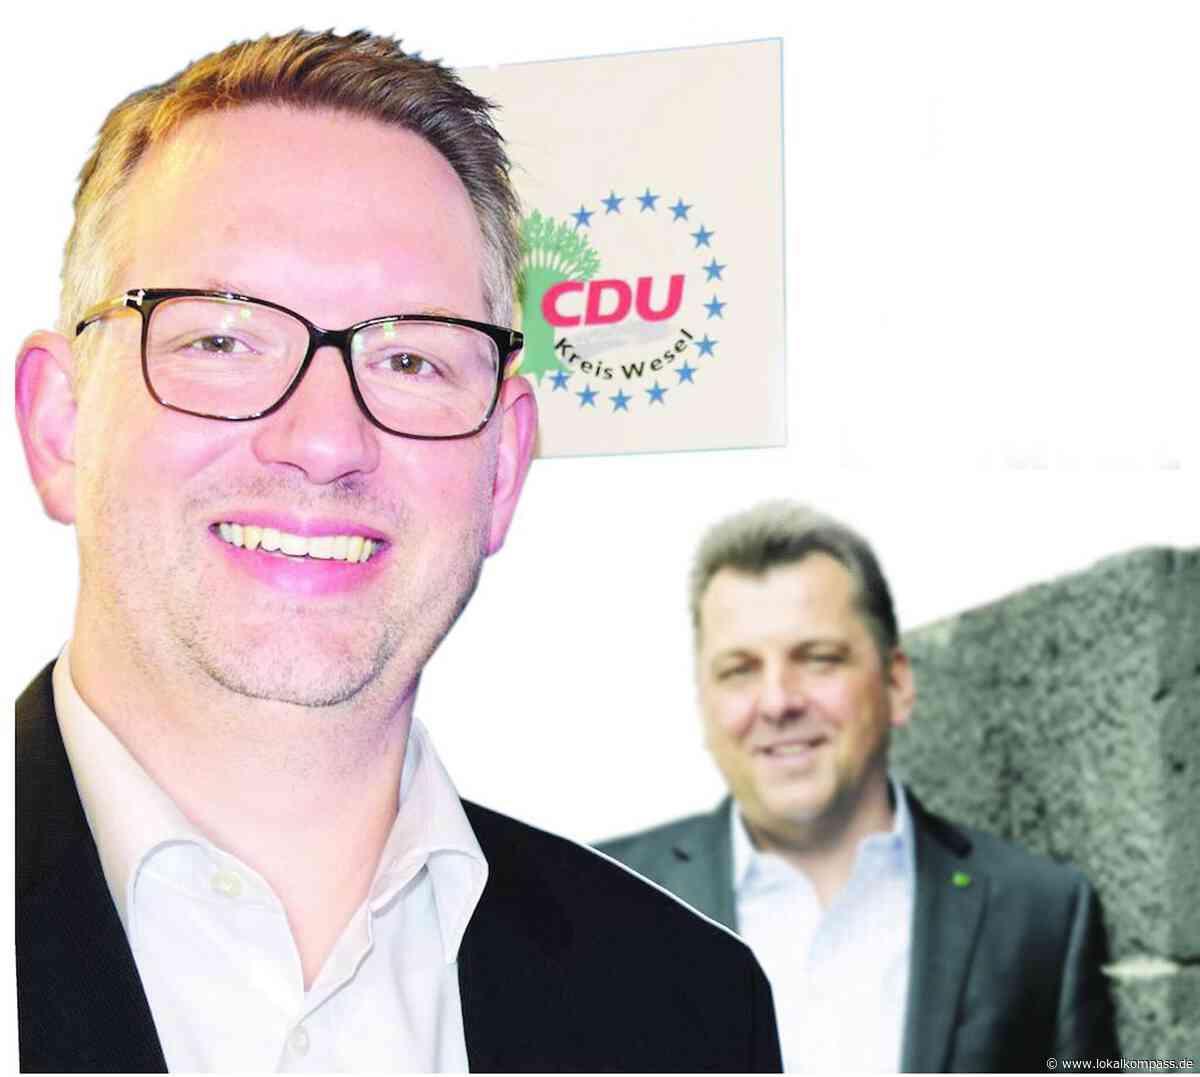 Die Stichwahl - Das UPDATE (schwache Wahlbeteiligung): Führungswechsel in Dinslaken. Michaela Eislöffel ist neue Bürgermeitserin der Altkreisstadt - Lokalkompass.de